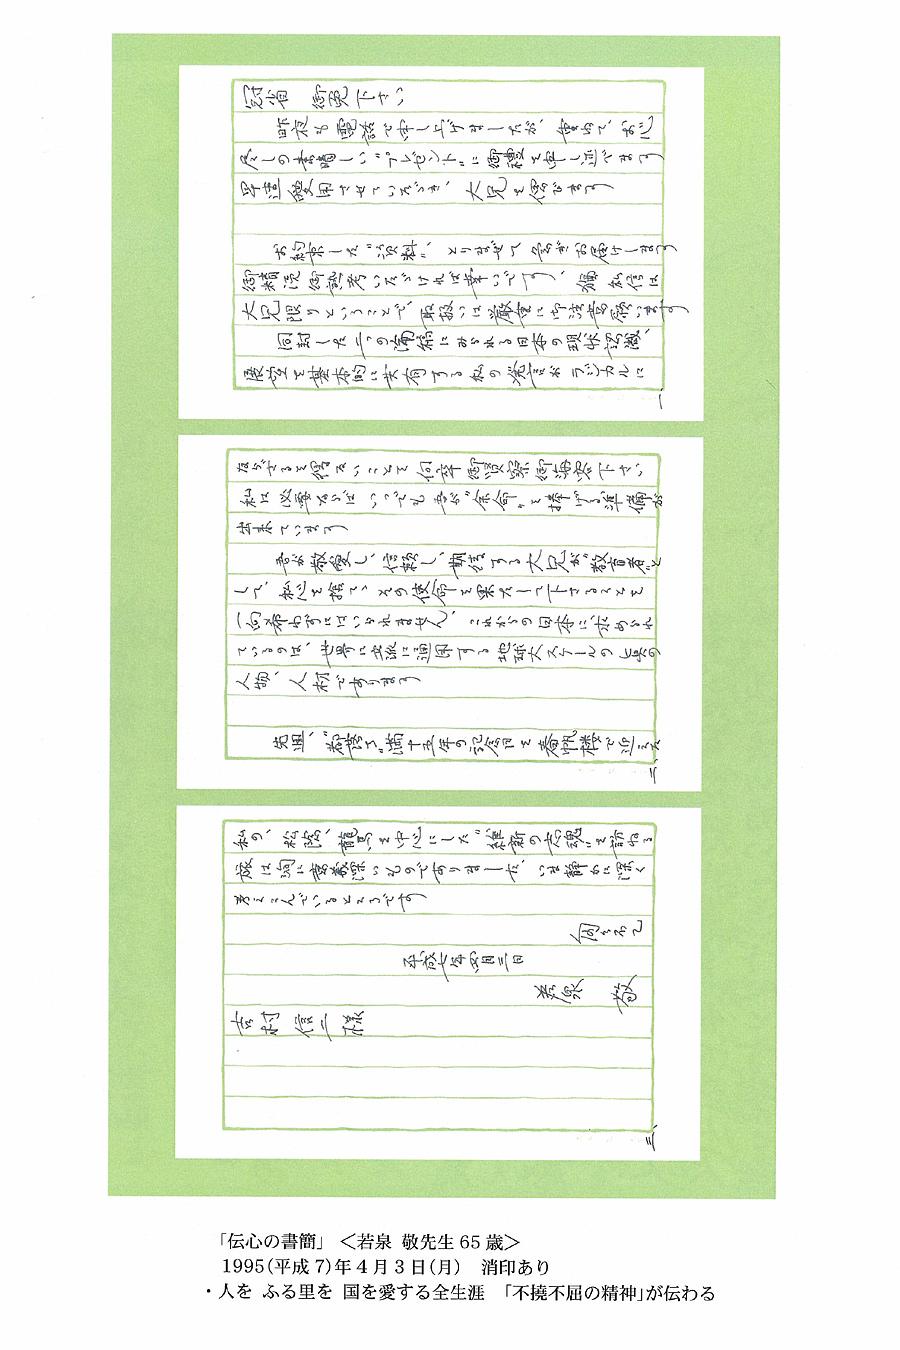 「伝心の書簡」<若泉 敬先生65歳>